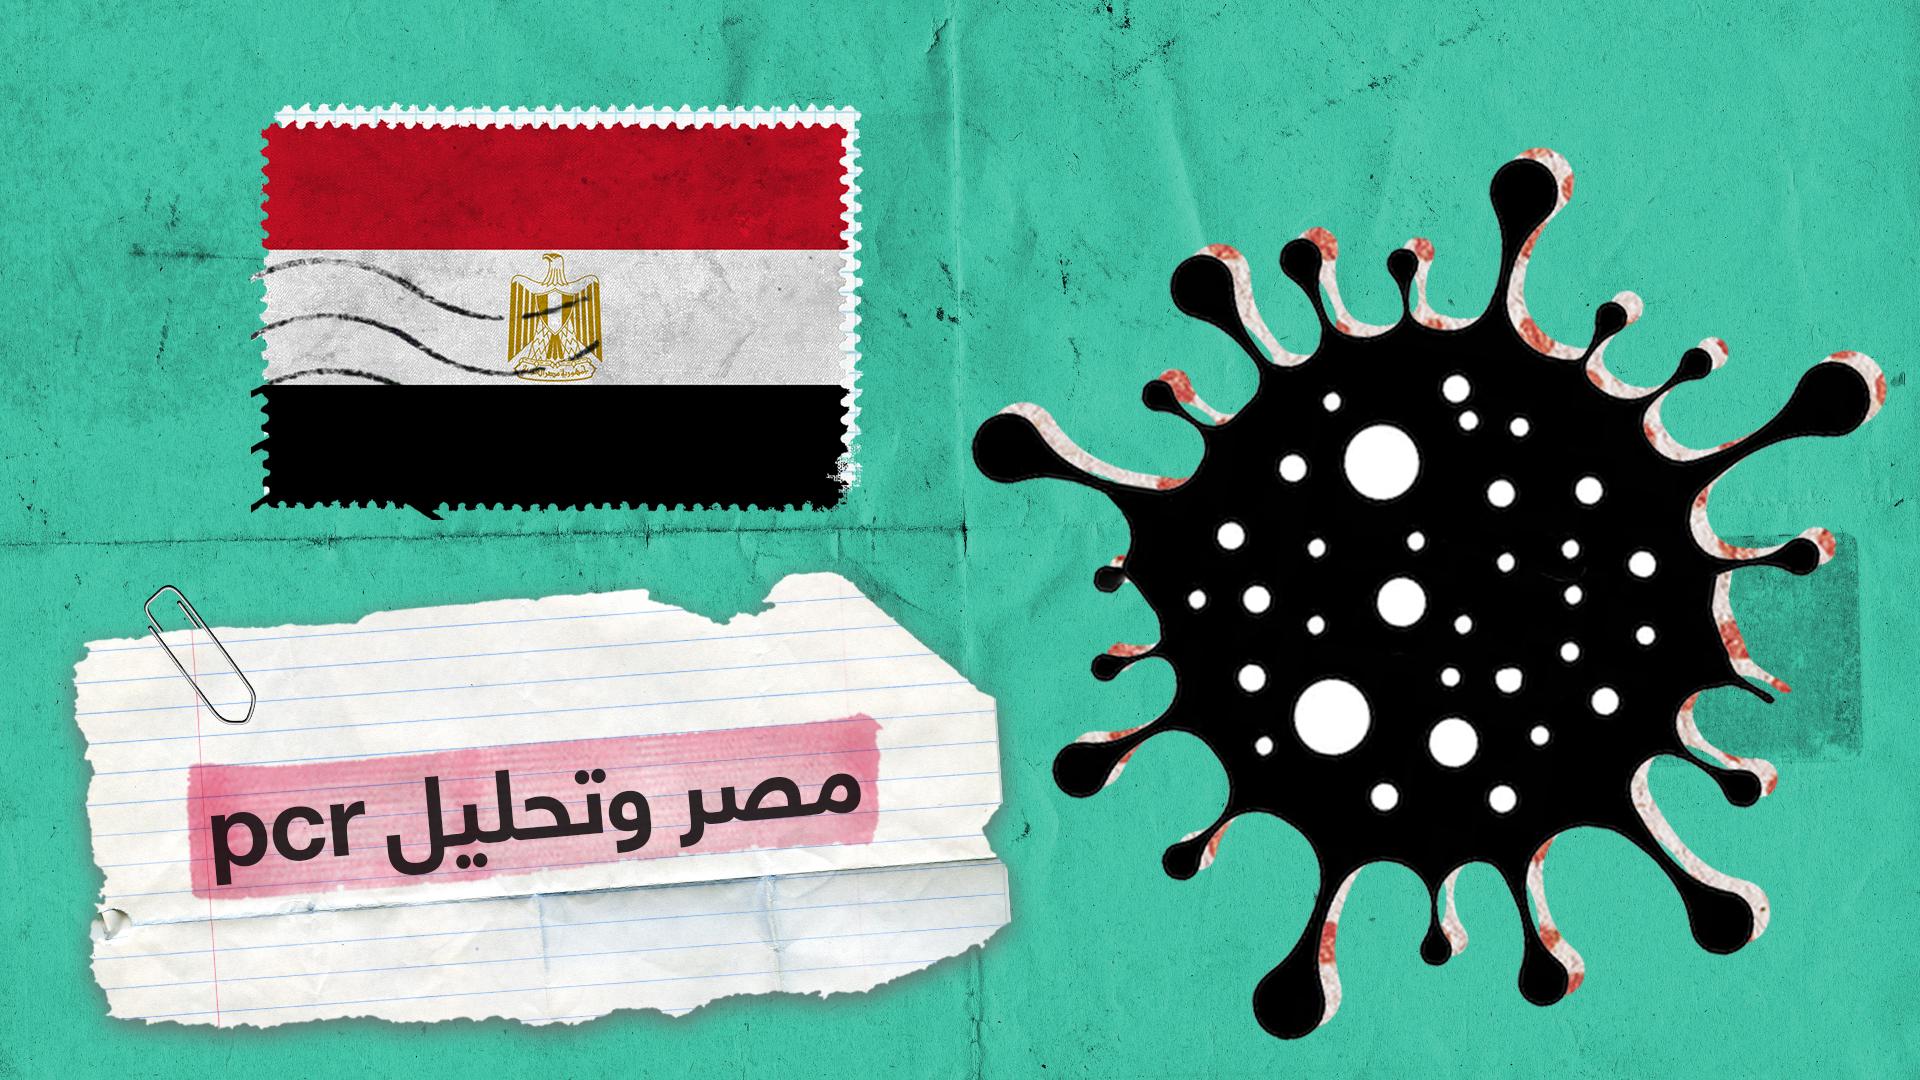 قرار جديد تتخذه مصر لدخول أراضيها في الفترة القادمة